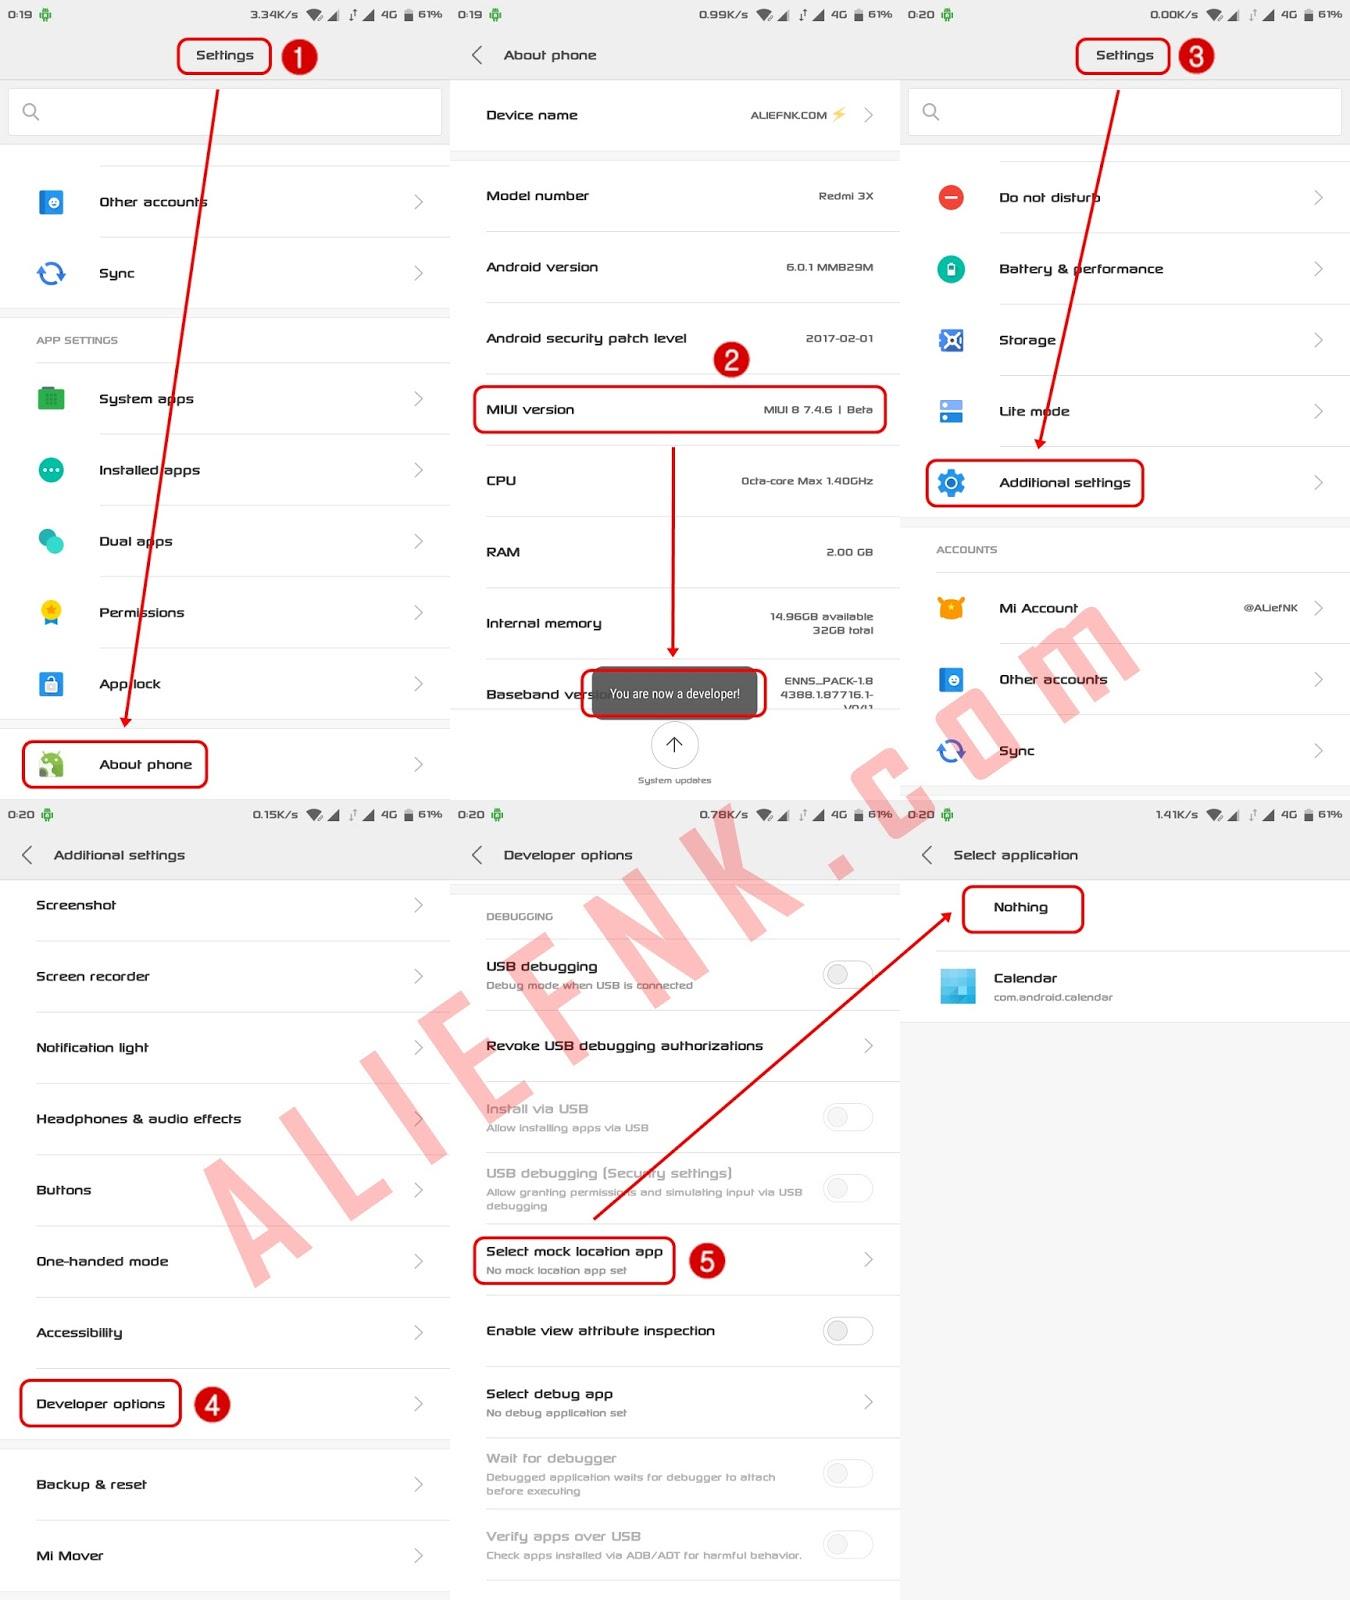 Pengaturan Lokasi Palsu Xiaomi MIUI 8 [image by ALIEFNK.com | @ALiefNK]